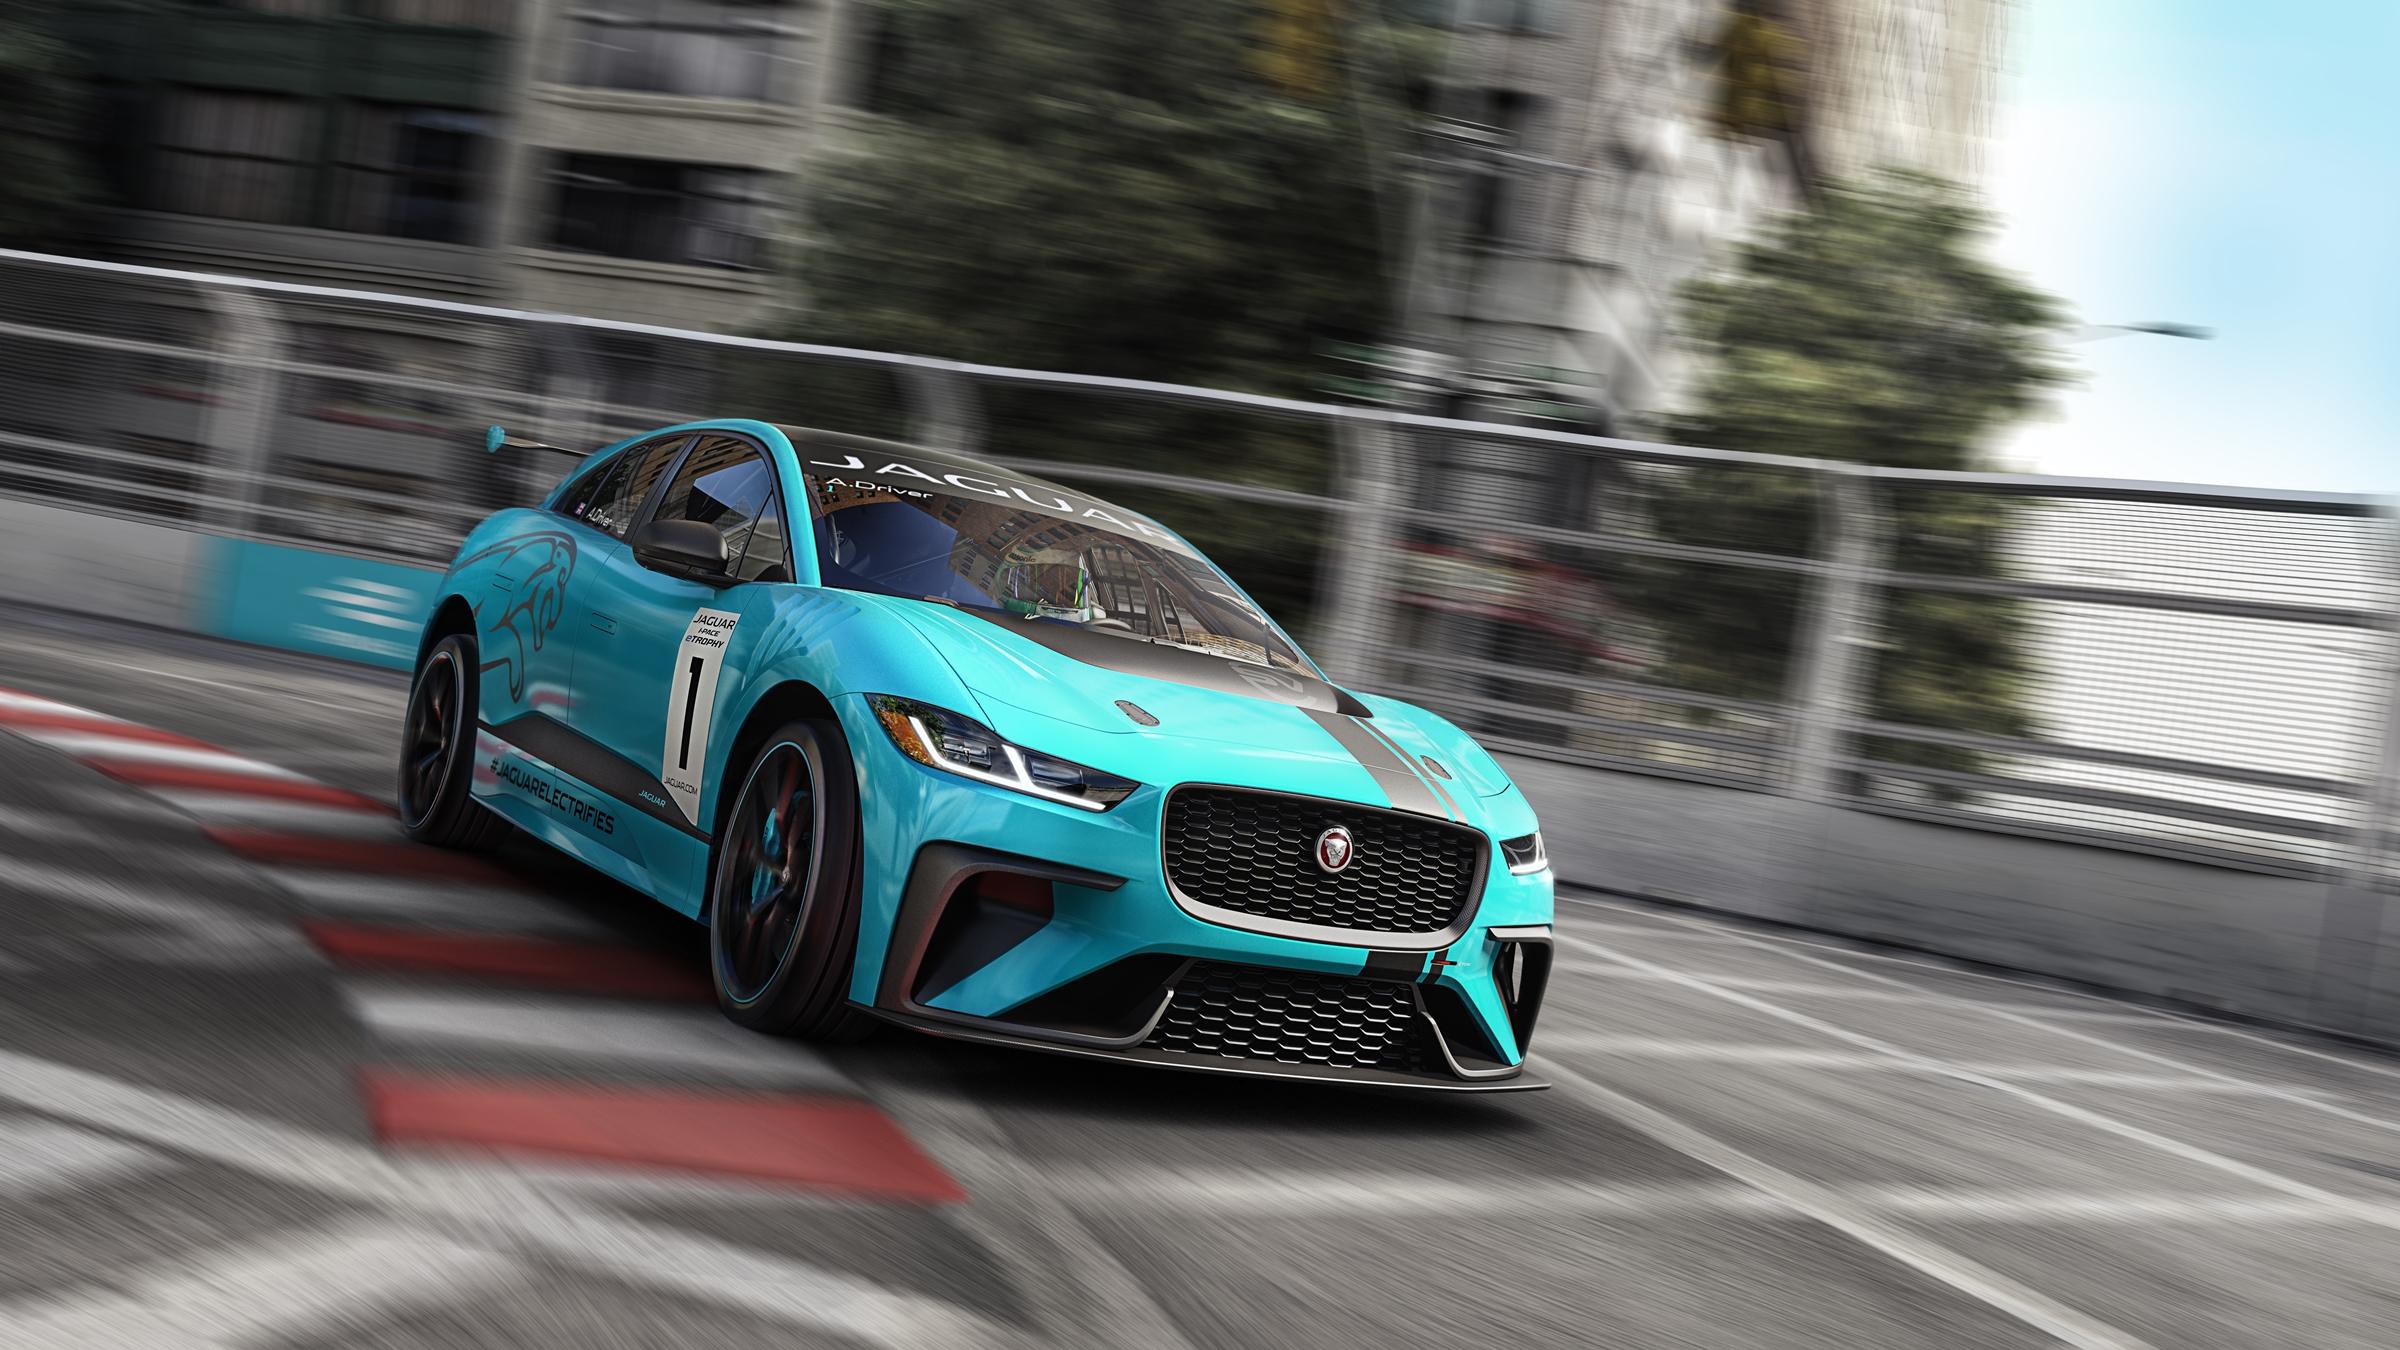 Jaguar I-PACE eTROPHY racecar track (2)